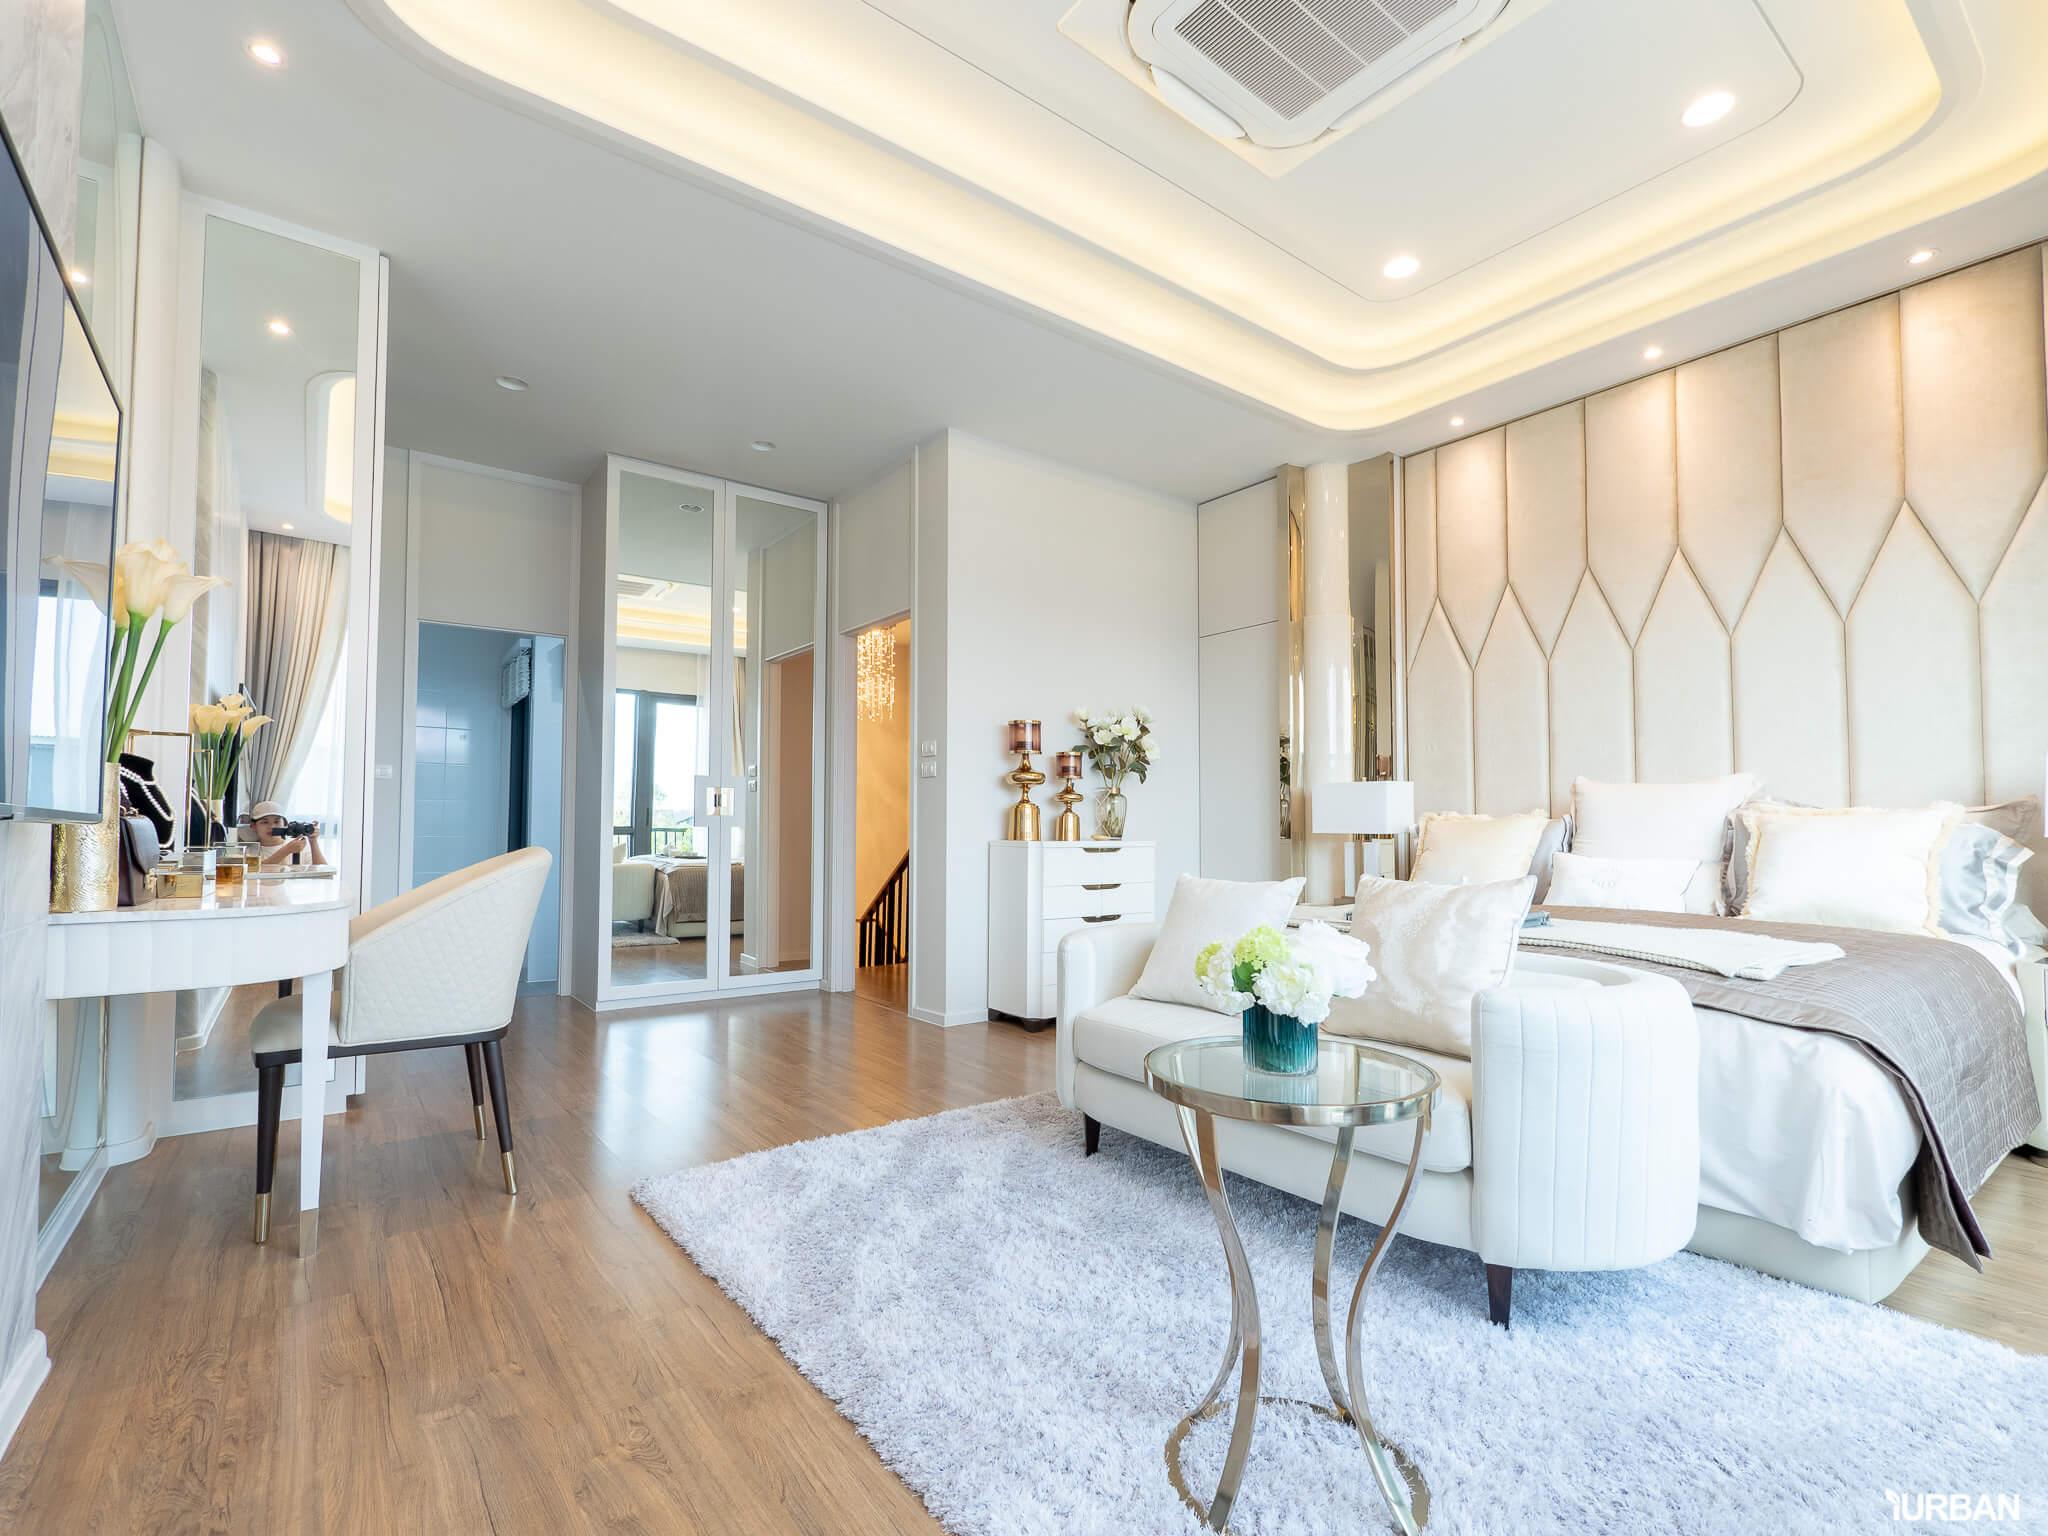 7 โครงการบ้านเอพีช่วยผ่อน 30 เดือน สุขสวัสดิ์-ประชาอุทิศ เข้าเมืองง่าย ทาวน์โฮม-บ้าน เริ่ม 1.99 ล้าน 124 - AP (Thailand) - เอพี (ไทยแลนด์)